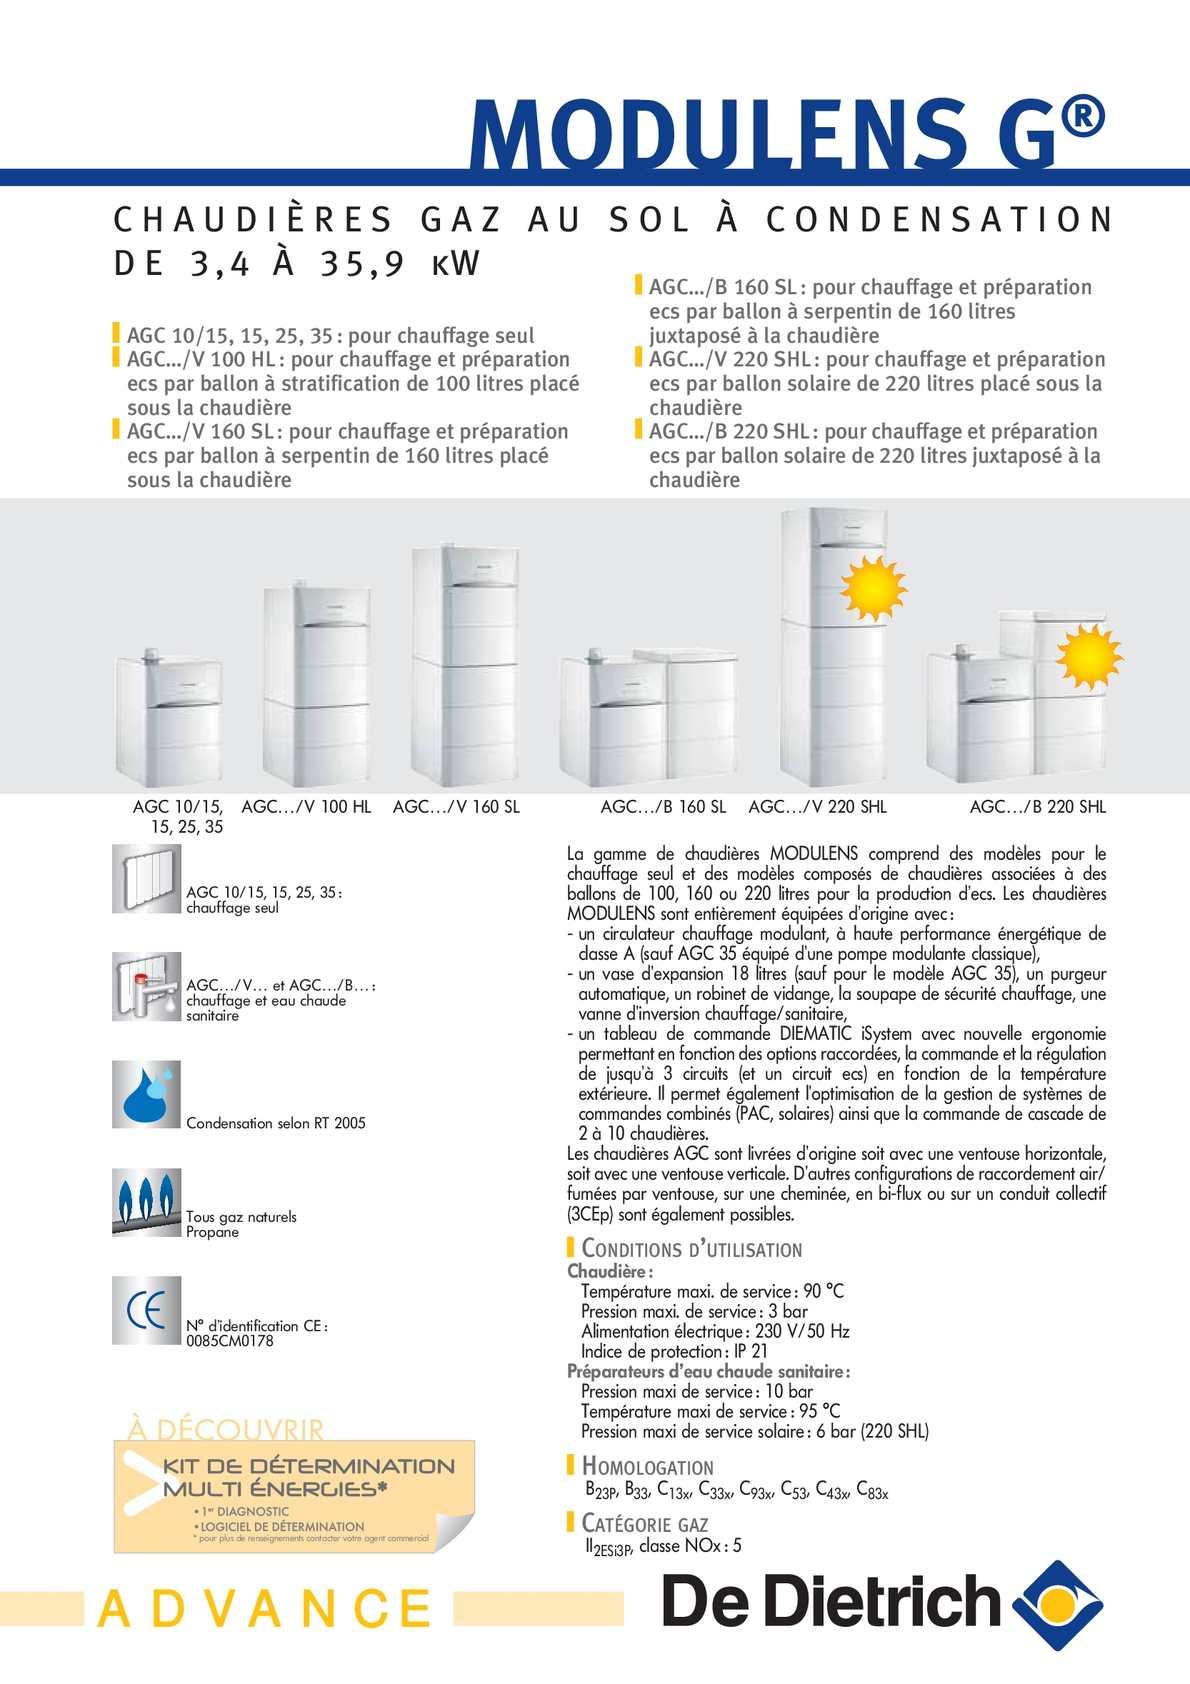 Calam o chaudi re gaz au sol condensation for Chaudiere de dietrich gaz au sol